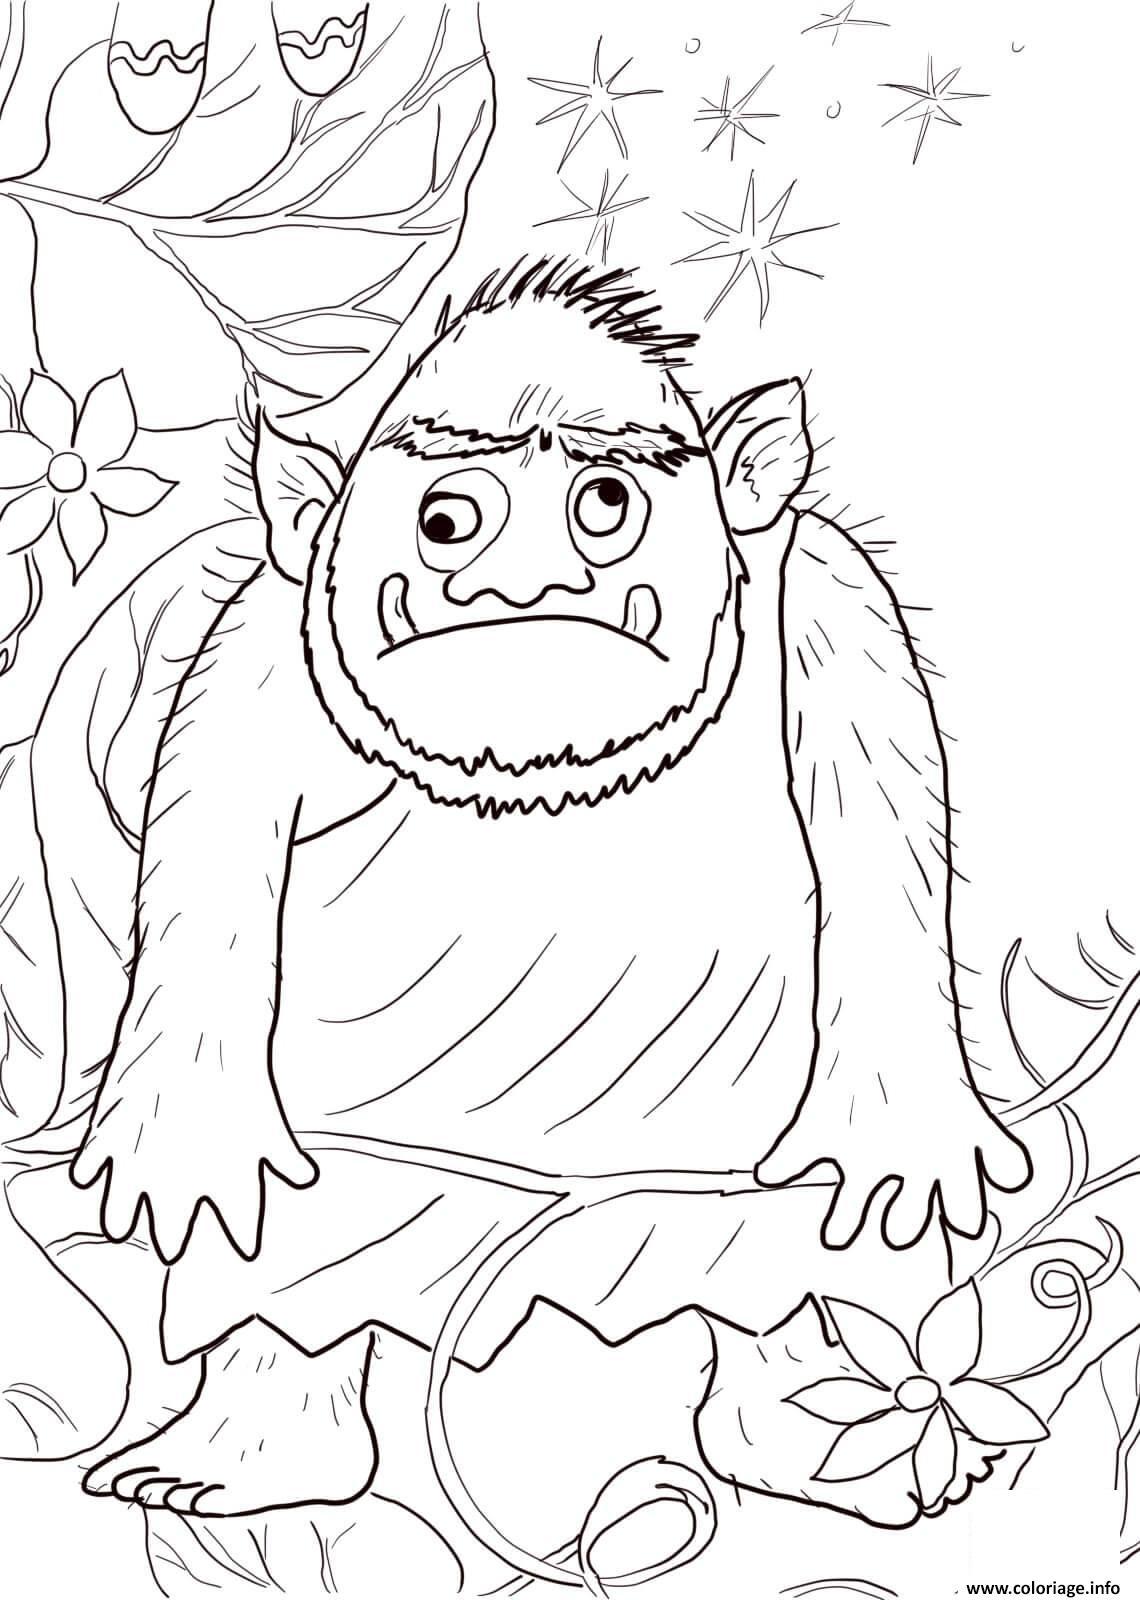 Coloriage Ogre Avec Les Yeux En Haut Et En Bas Dessin